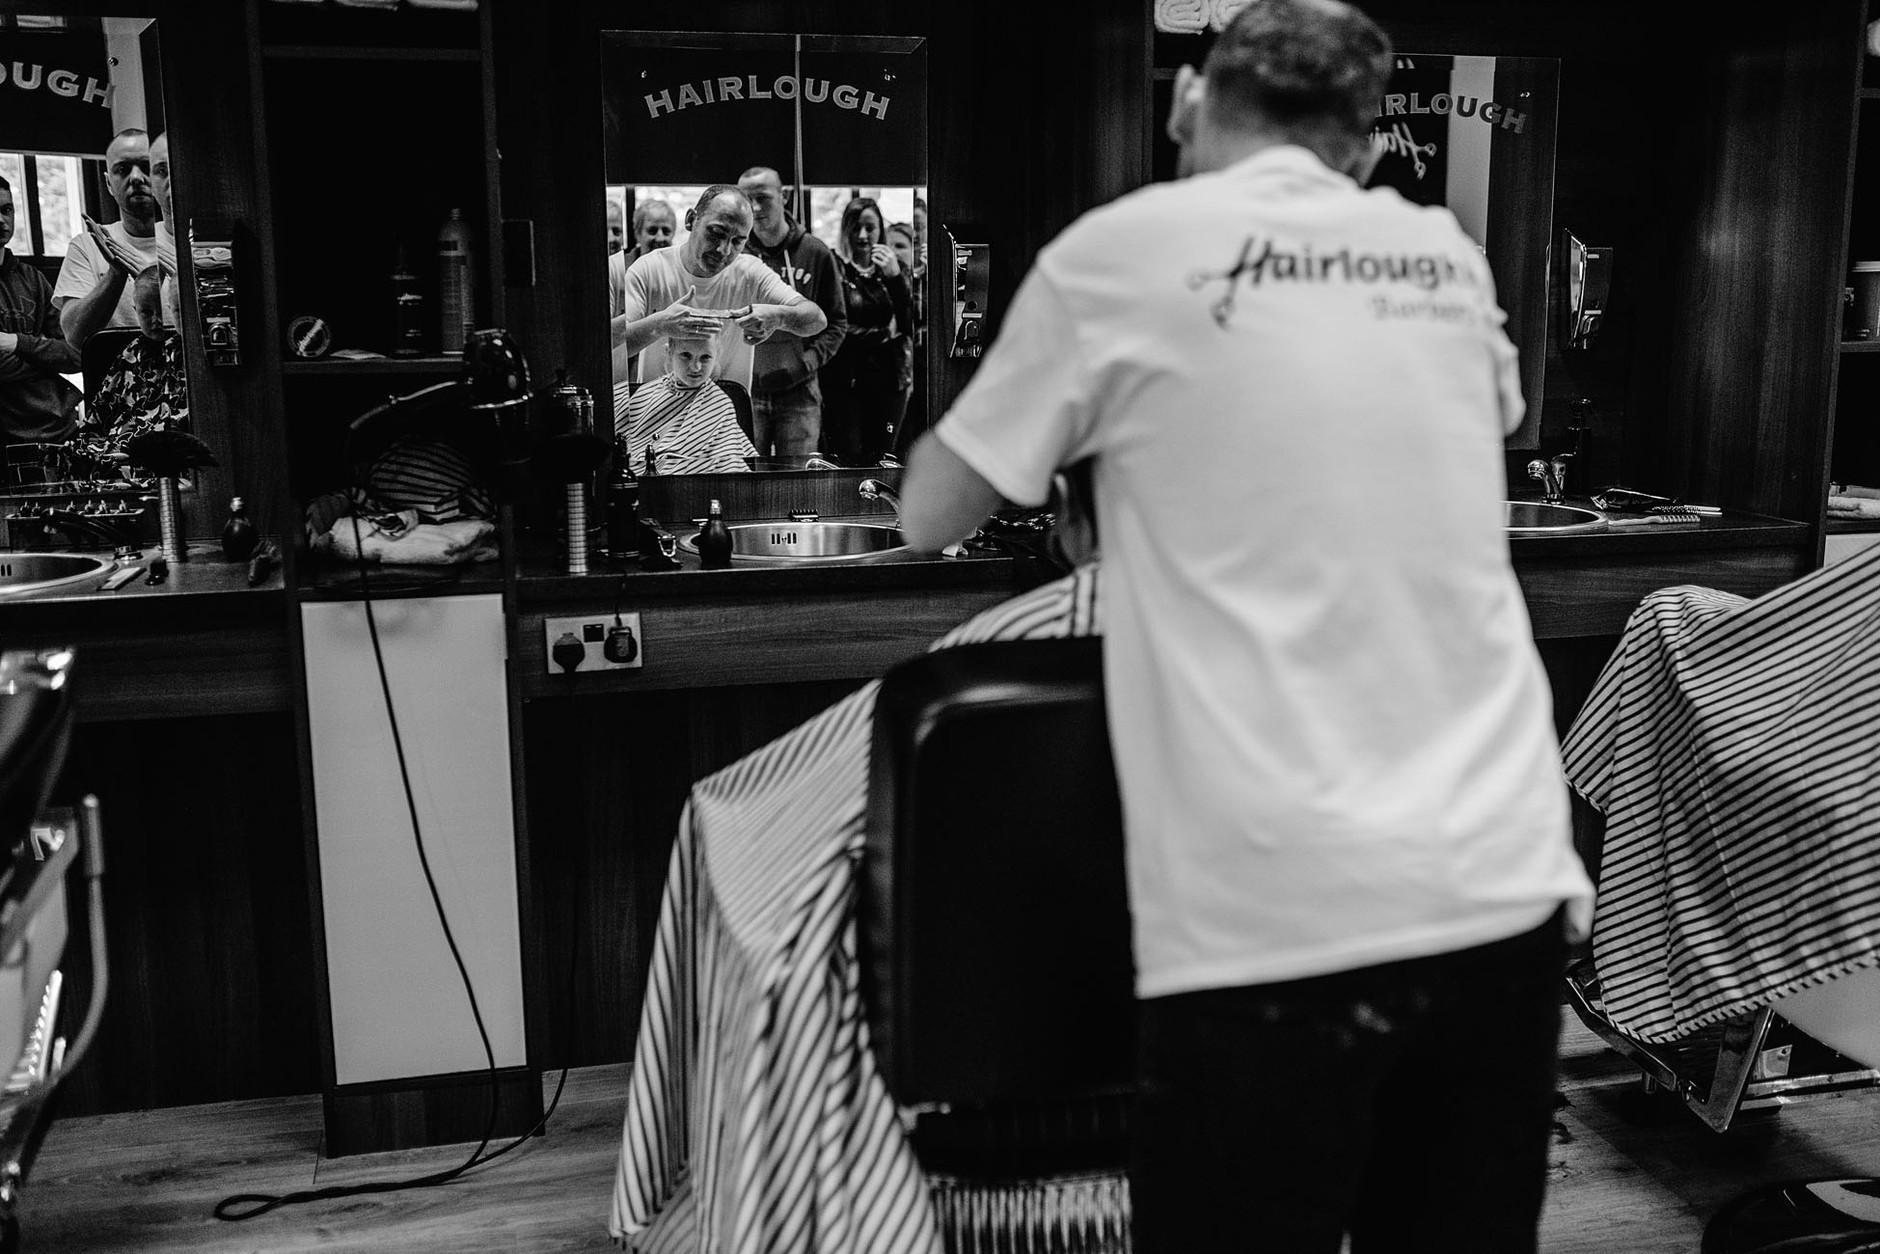 dublin-documentary-family-photography-finn-haircut-0021.jpg